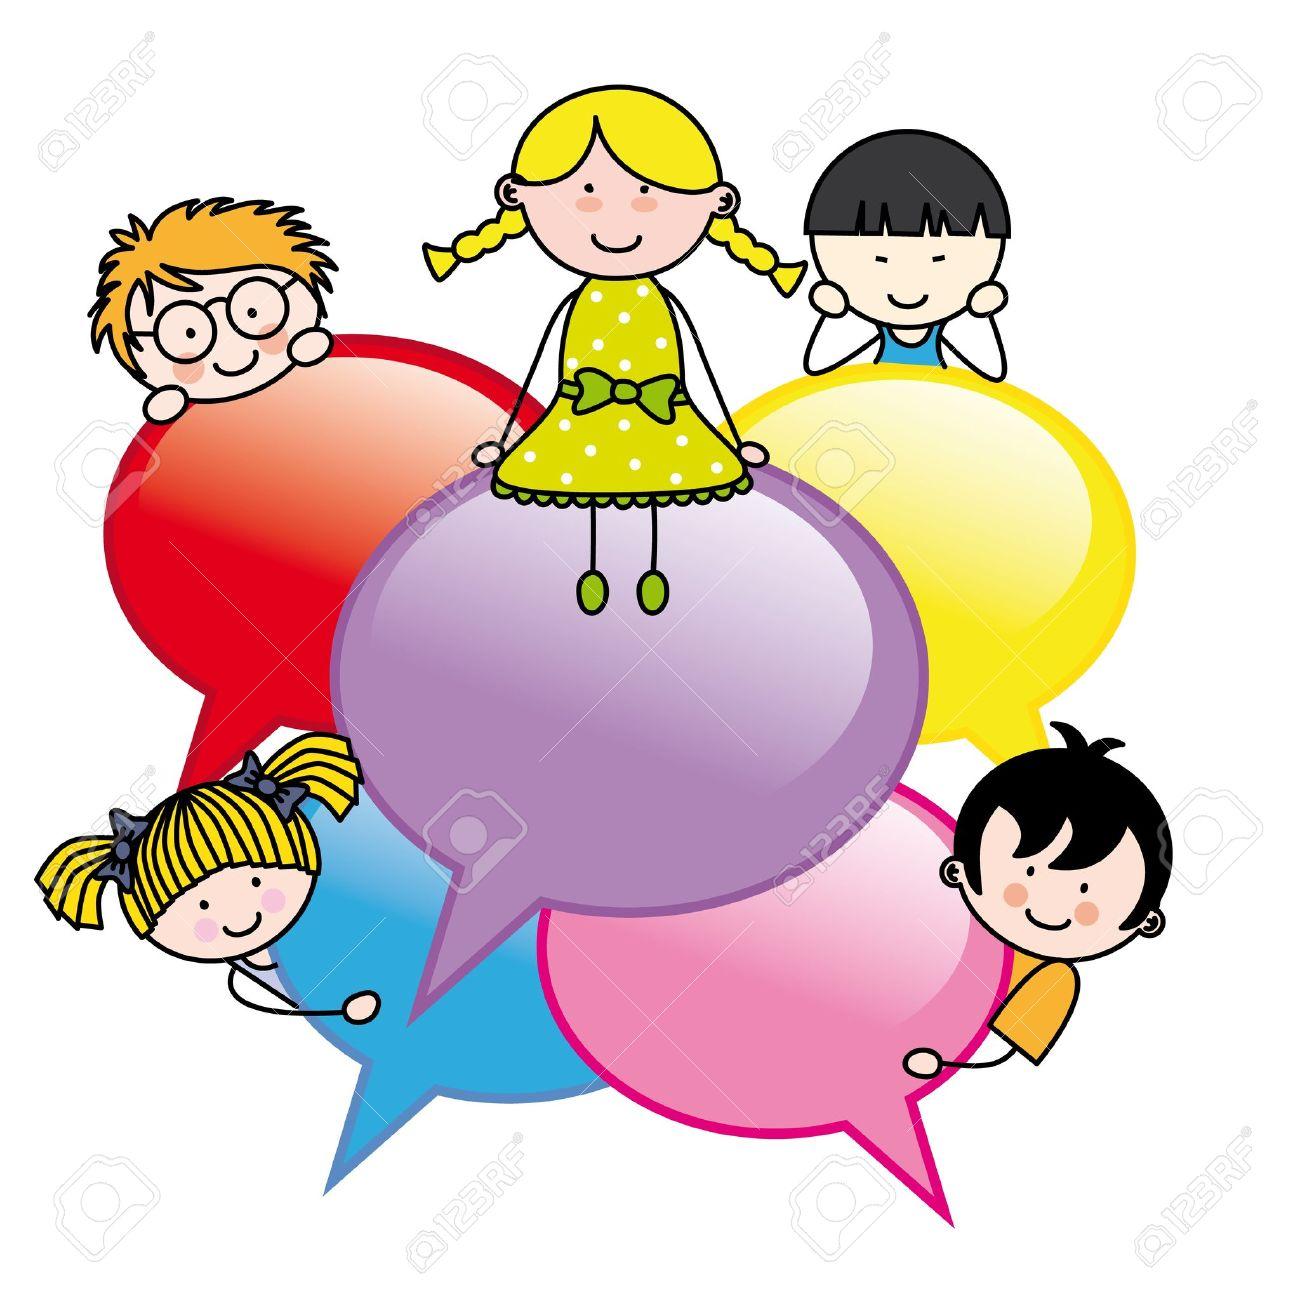 https://previews.123rf.com/images/sbego/sbego1304/sbego130400012/19094289-Children-with-dialogue-bubbles-Stock-Vector-dialogue-kindergarten.jpg